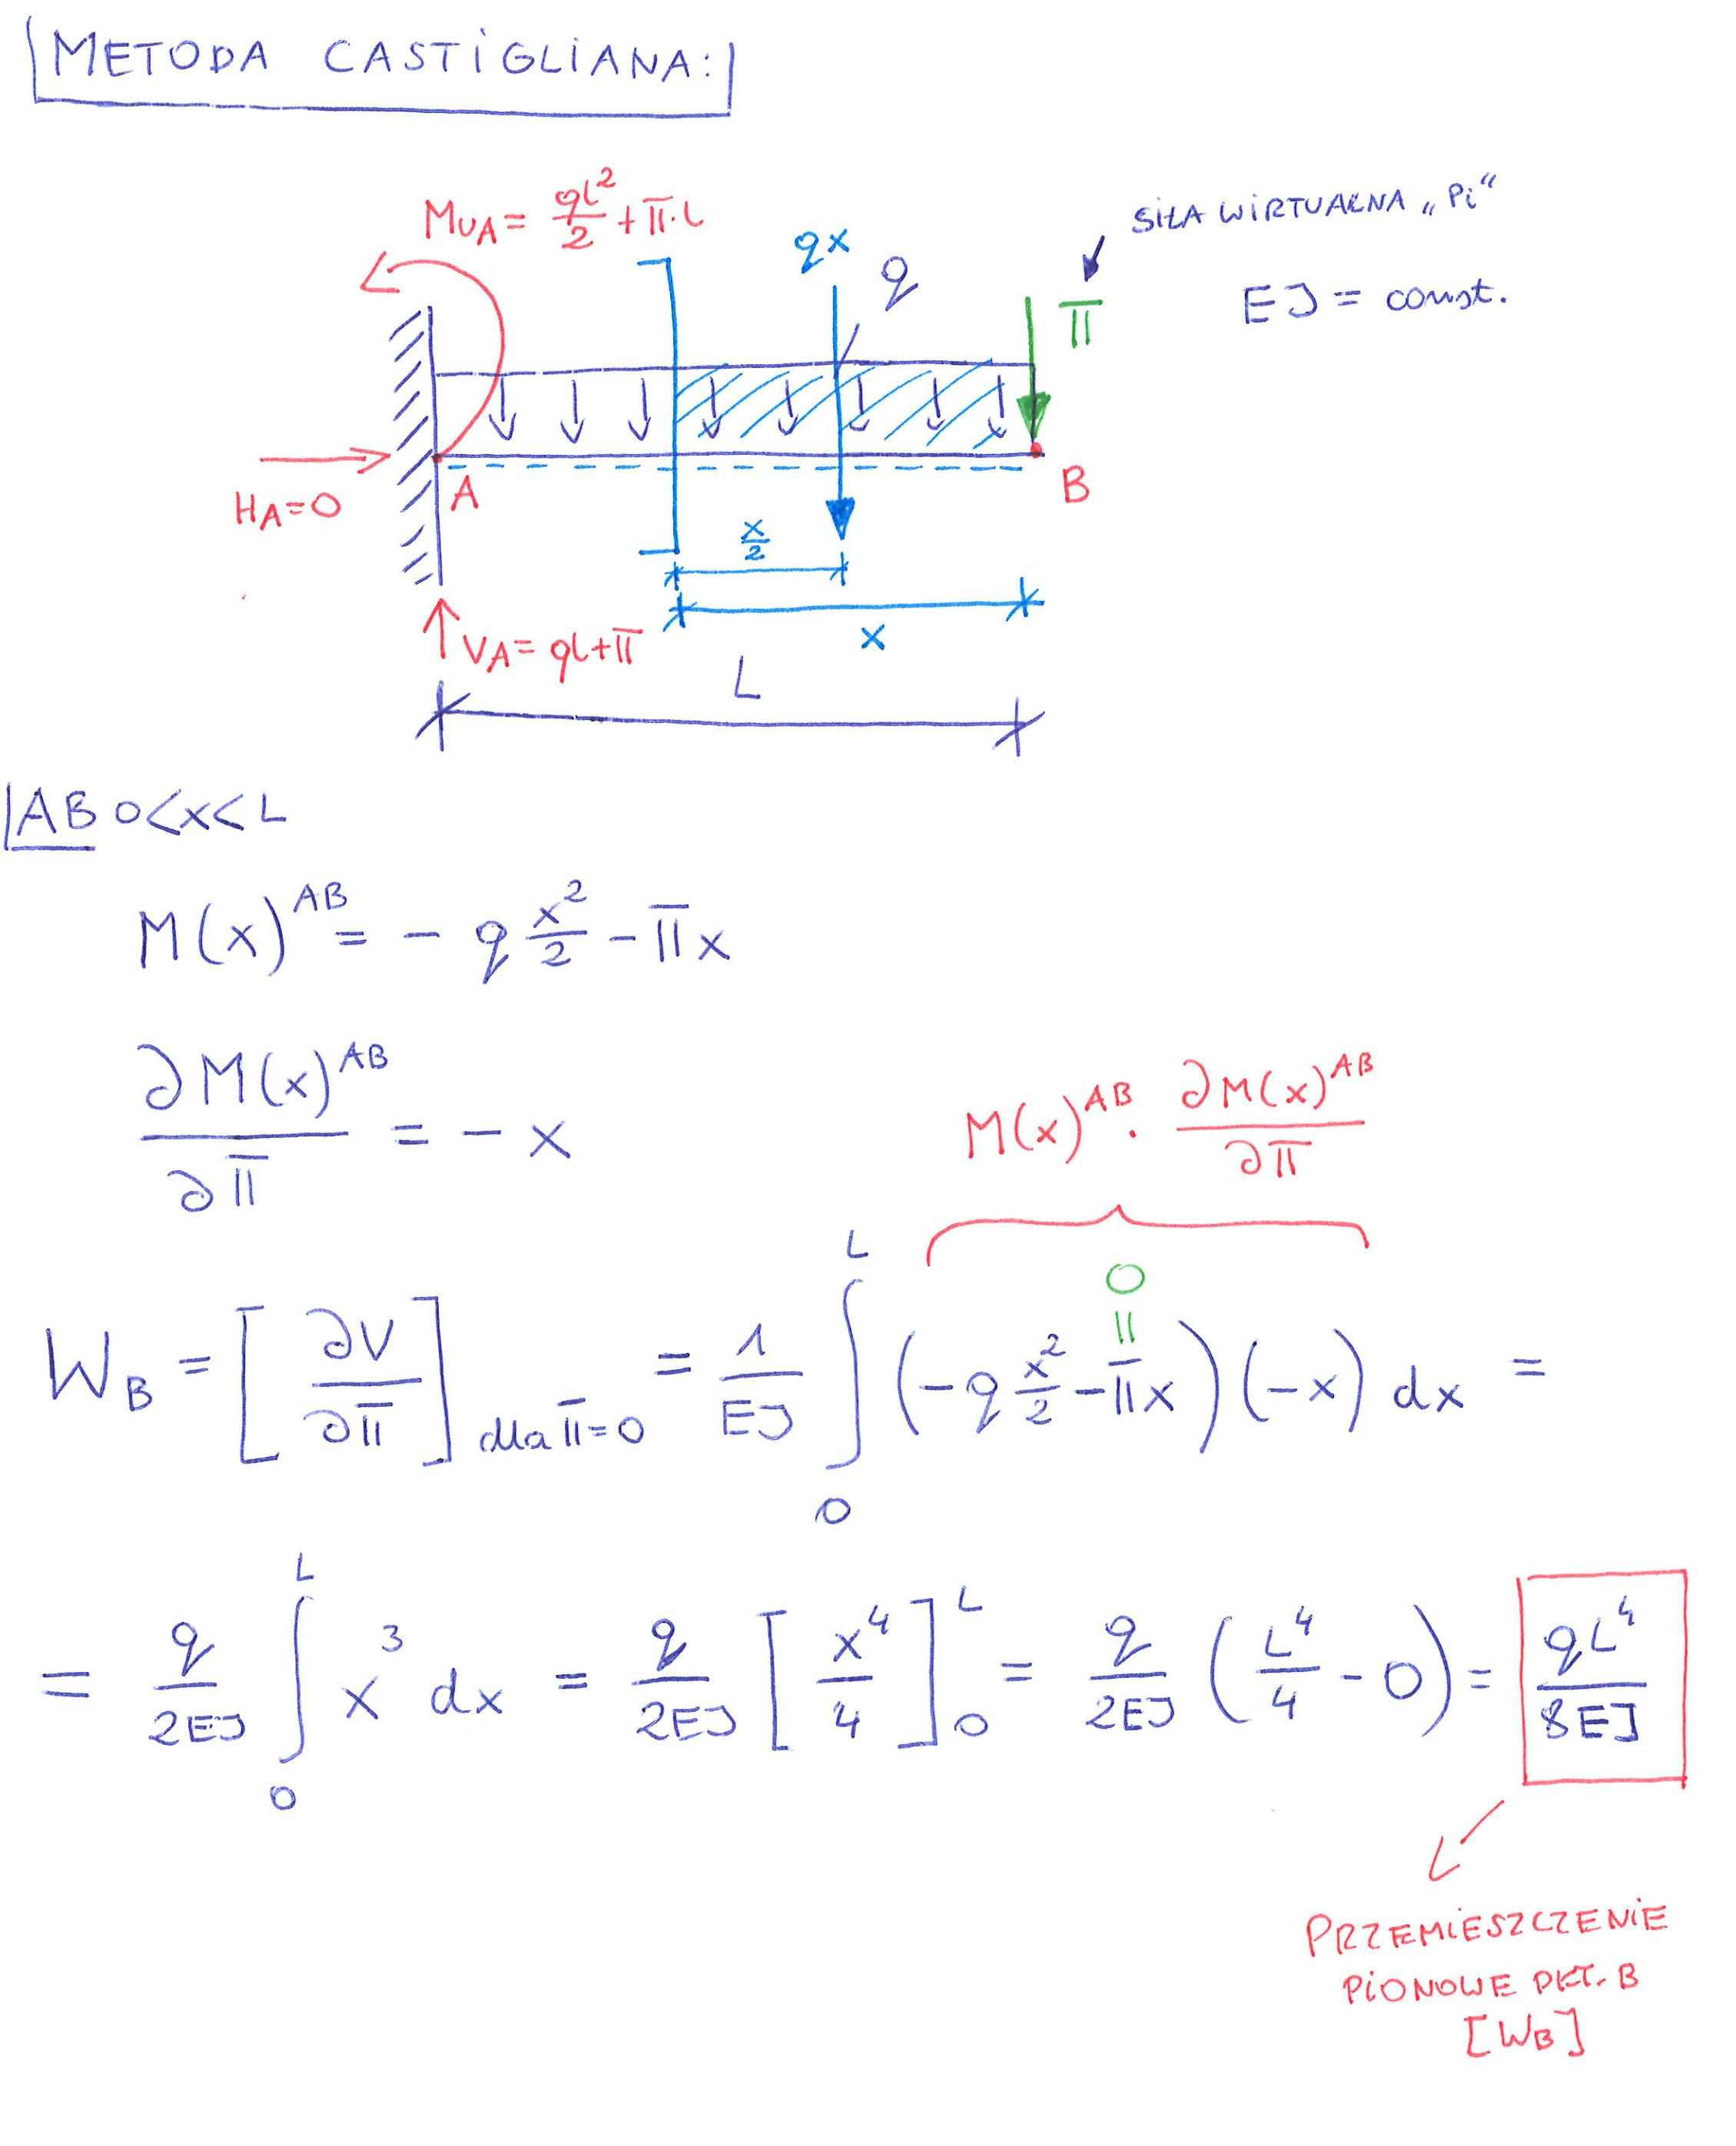 metoda castigliana całkowanie funkcja momentów